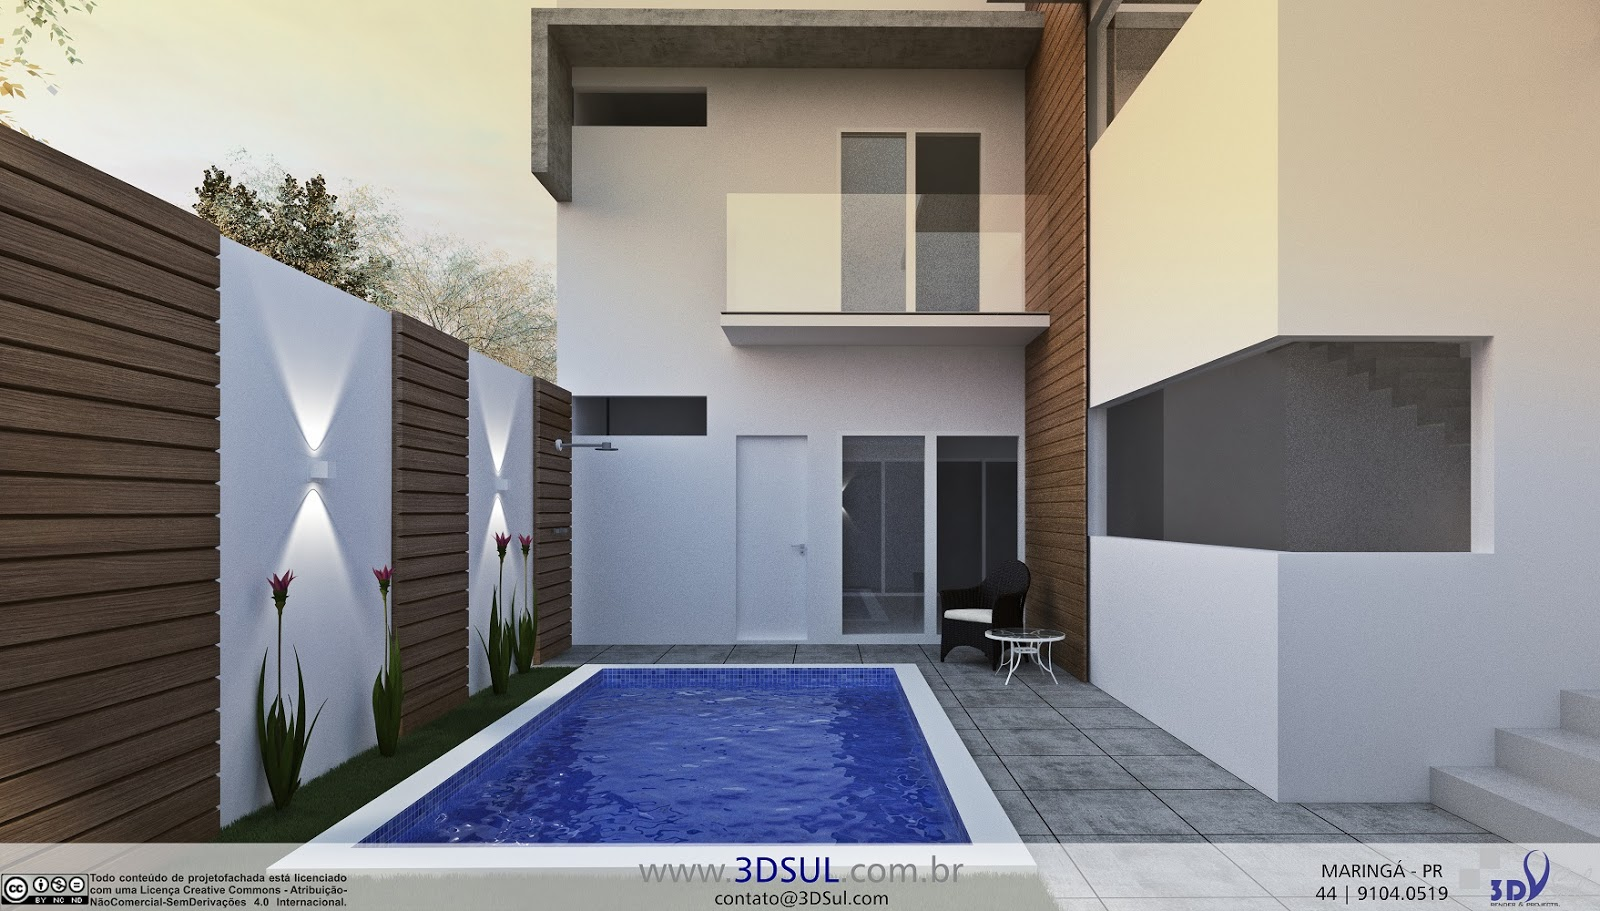 3dsul maquete eletr nica 3d projeto arquitetonico 3d for Casas 3d